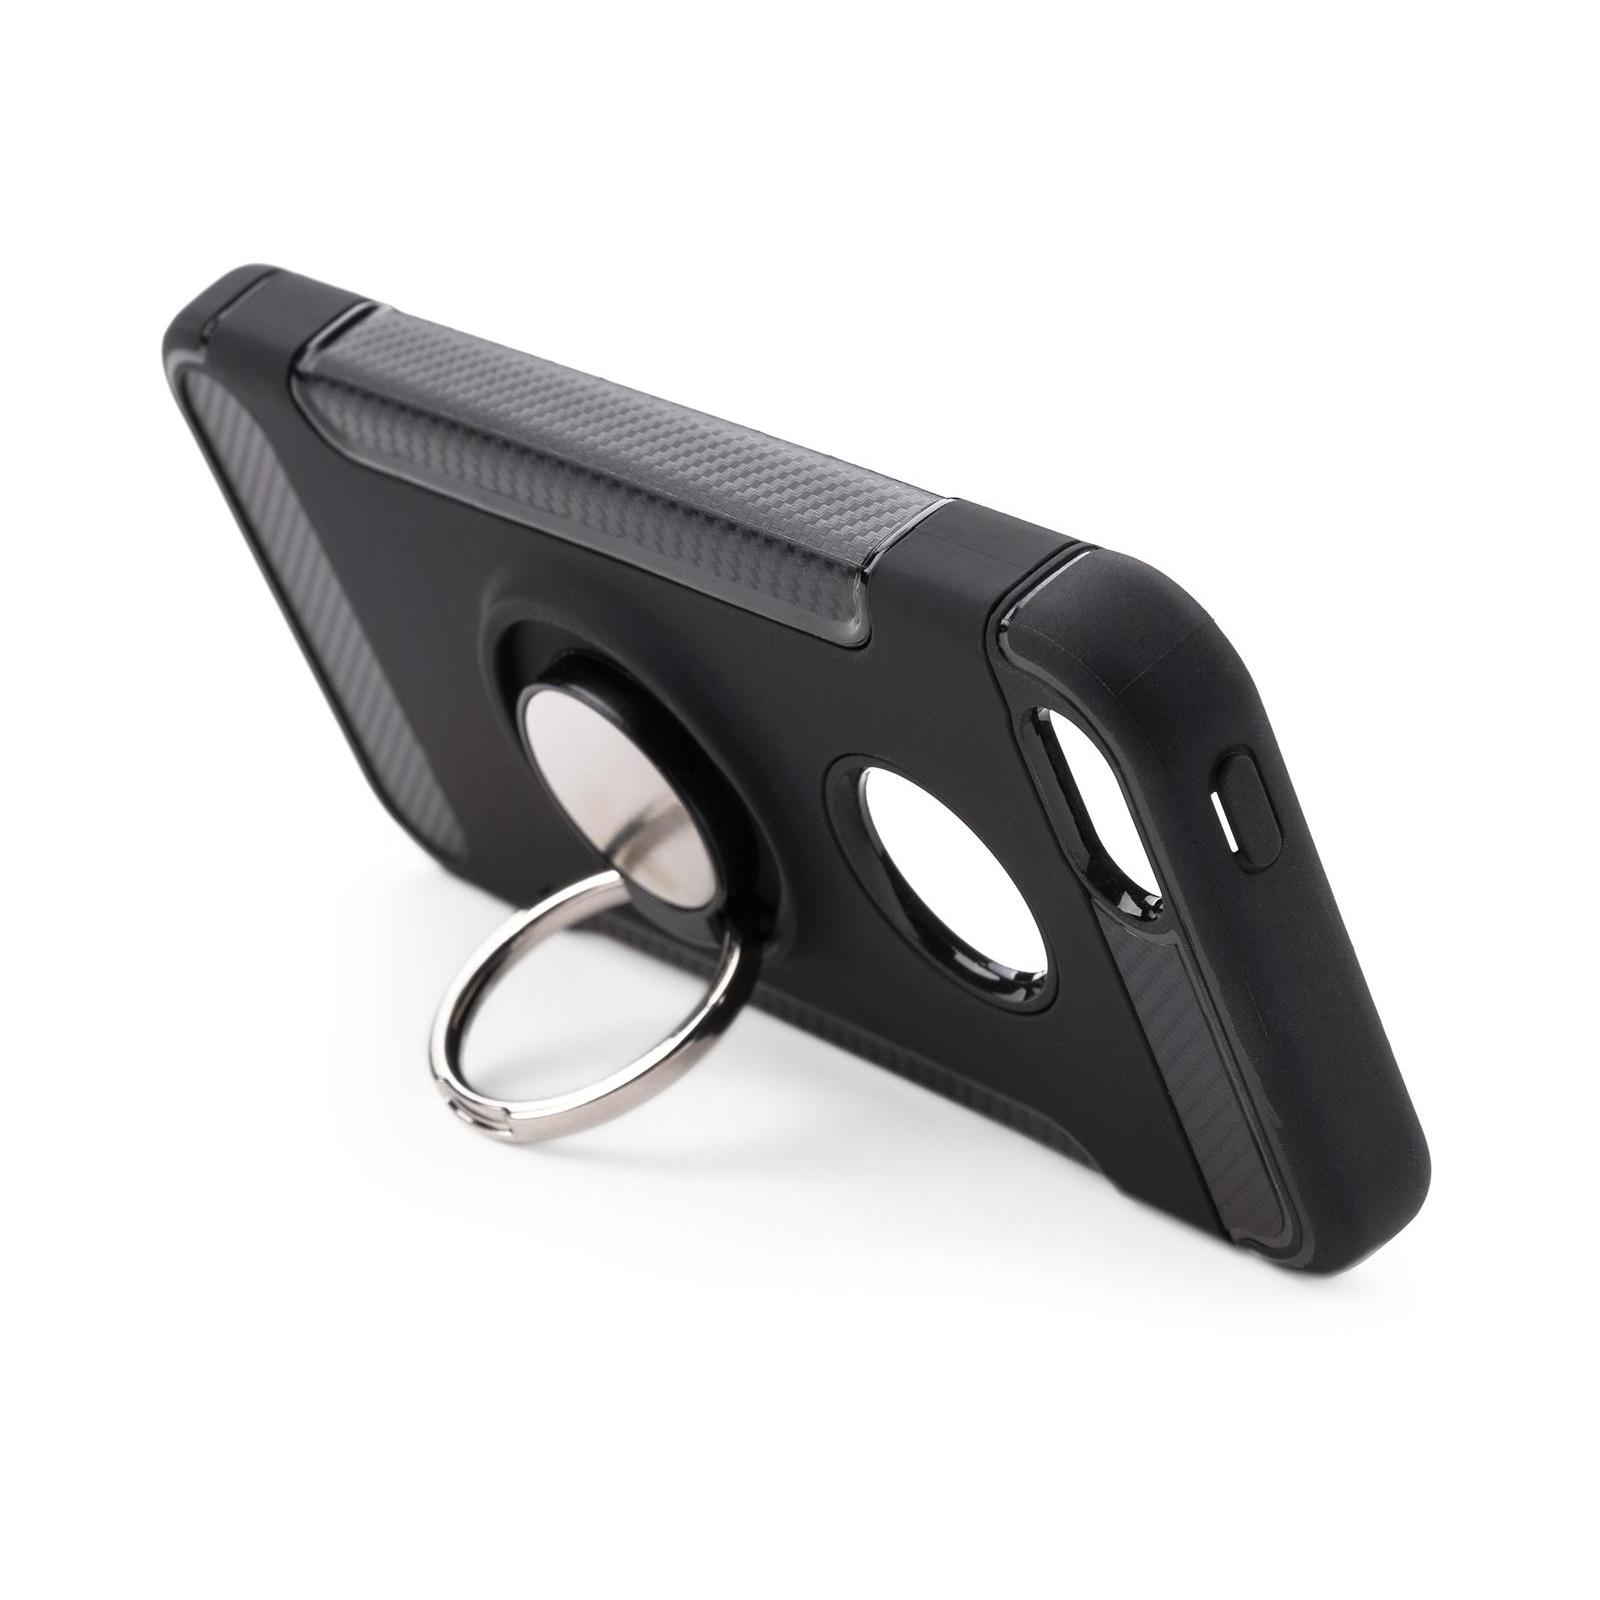 Чехол для моб. телефона Laudtec для iPhone 5/SE Ring stand (black) (LR-PCI5SE) изображение 4